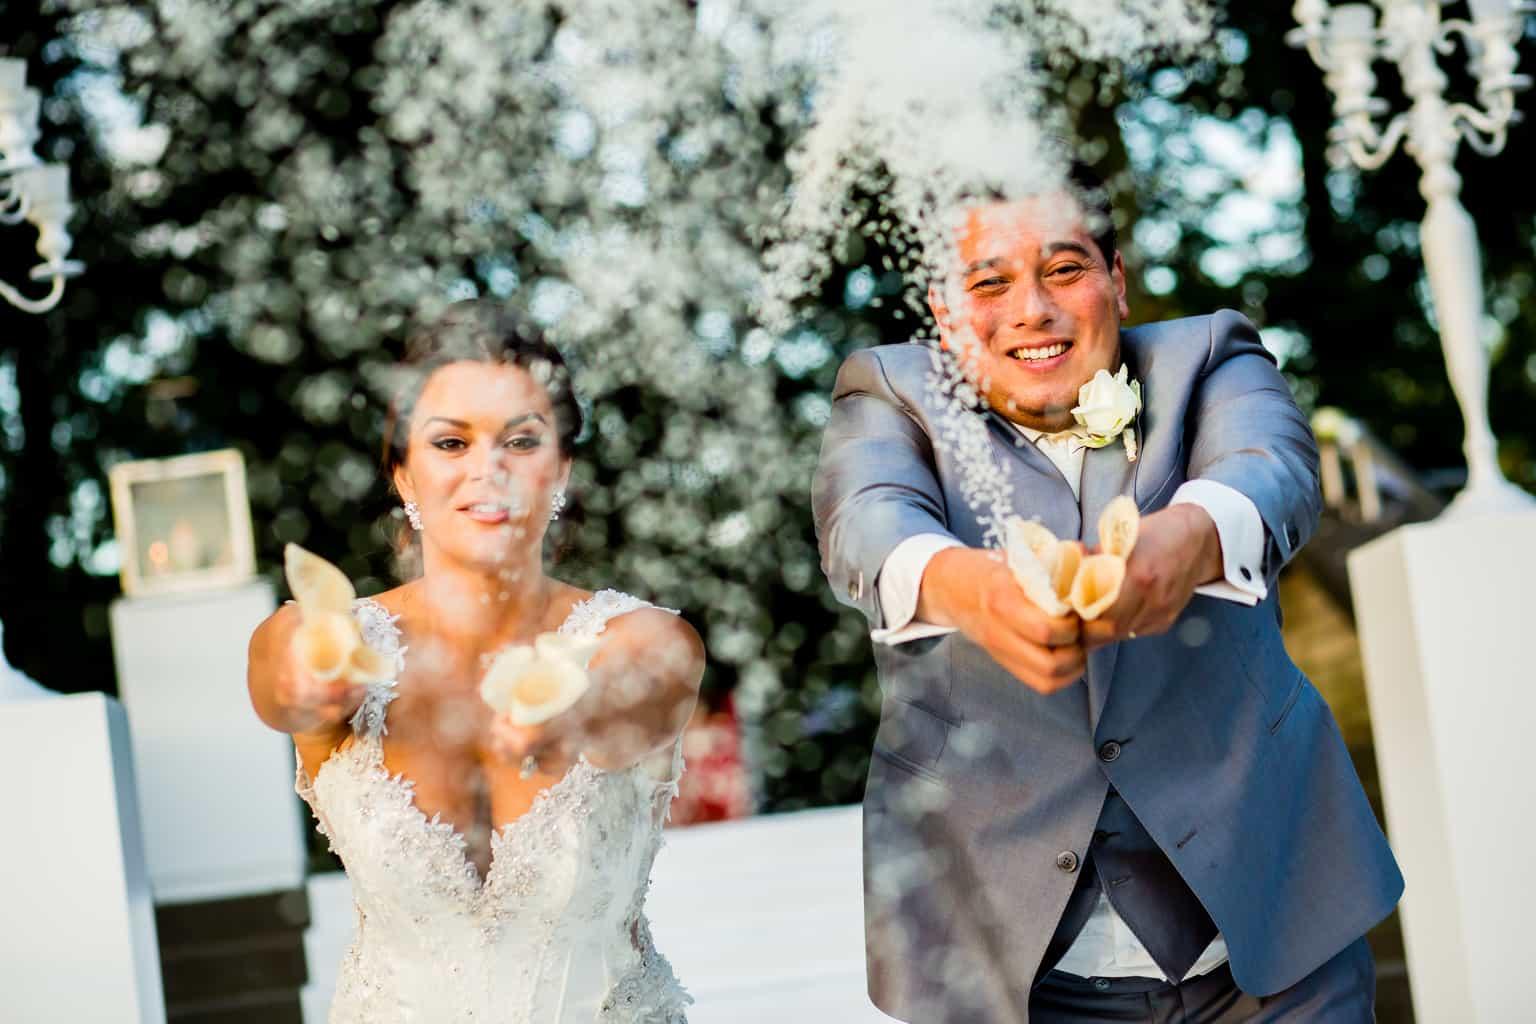 rijst gooien na de ceremonie, trouwen , huwelijk plannen, Weddingplanner, wedding en planning, fotocredits Eppel Fotografie